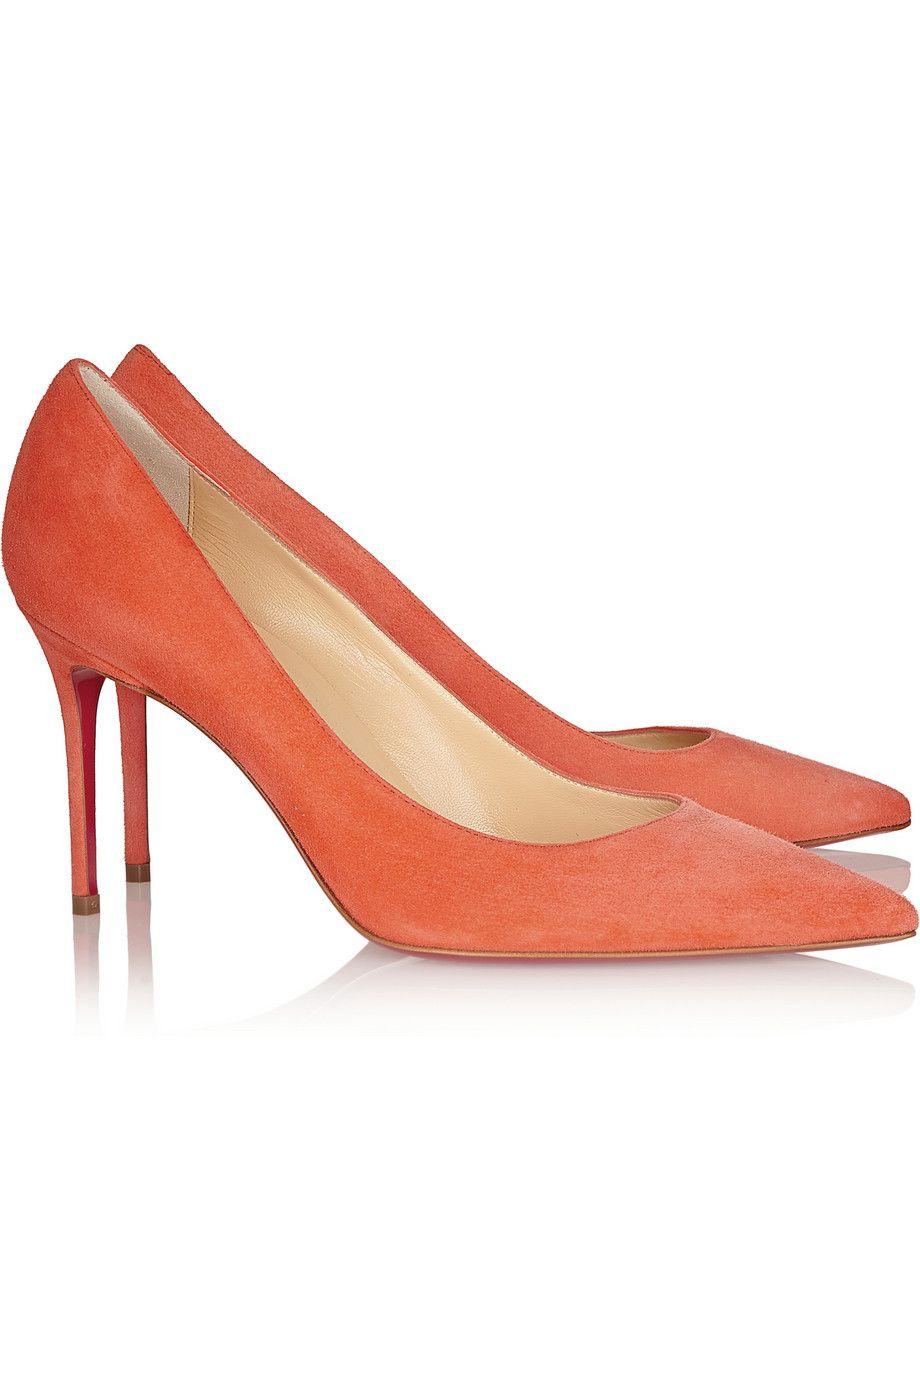 new styles d3019 6611b Christian Louboutin - Décolleté 85 suede pumps | The Shoe ...